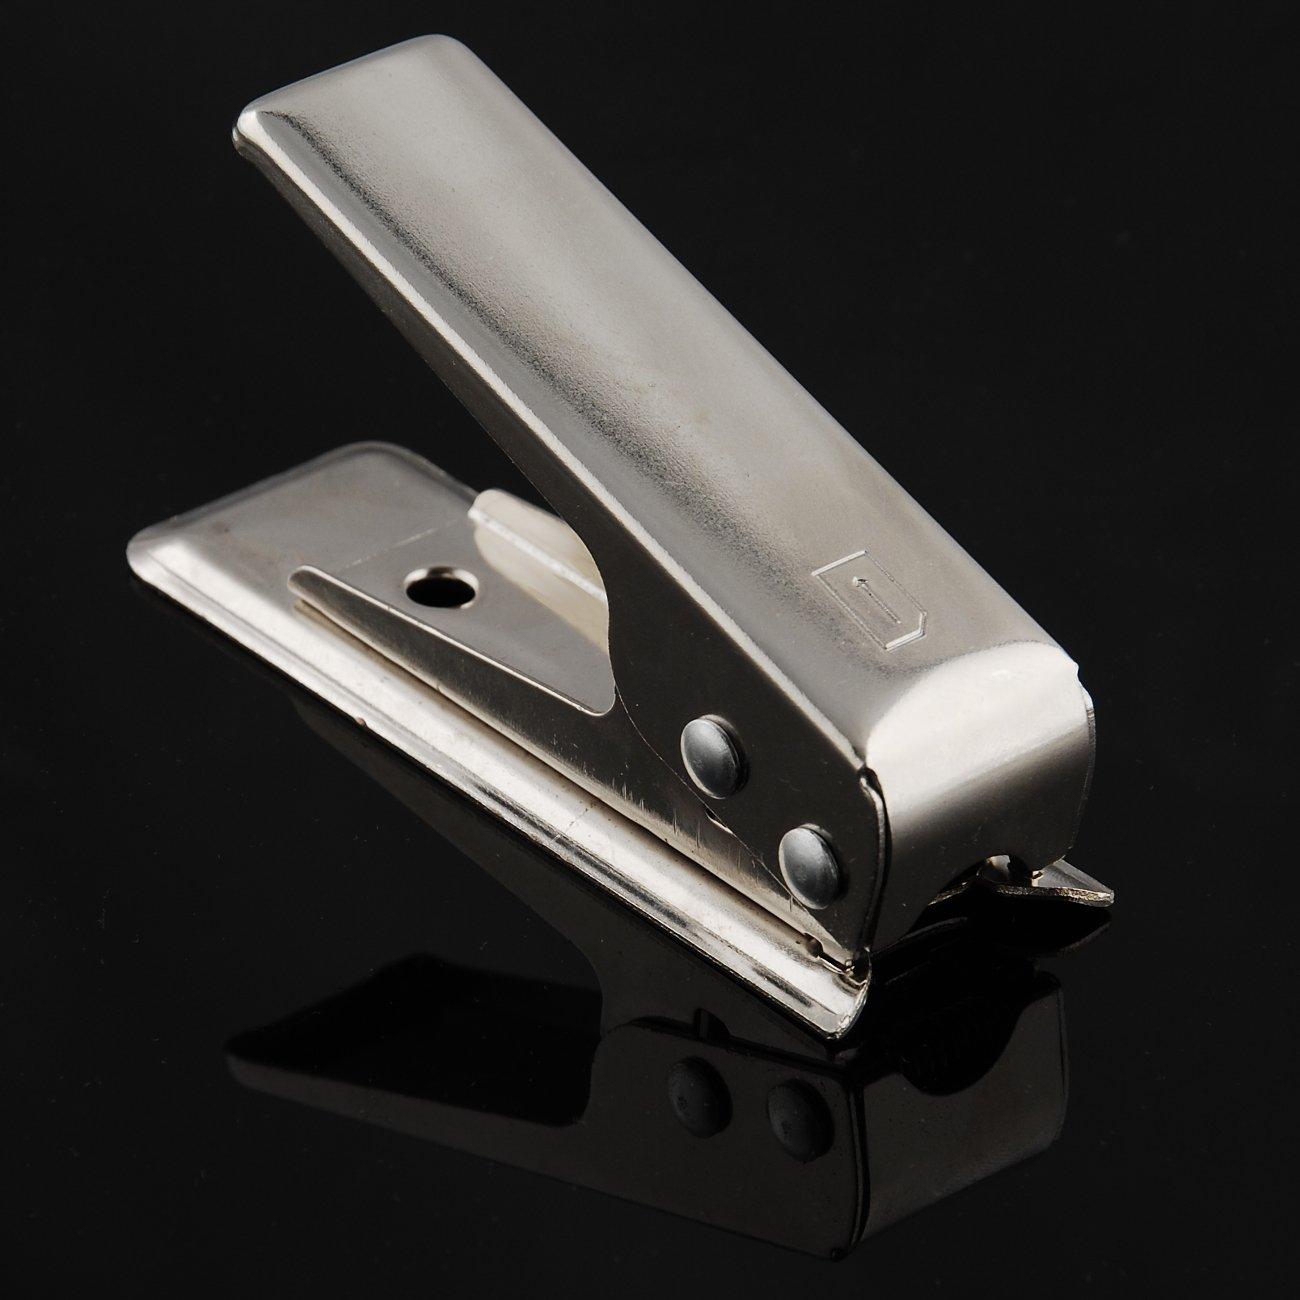 Standard Sim to Micro Sim Cutter to Micro Sim Card Cutter